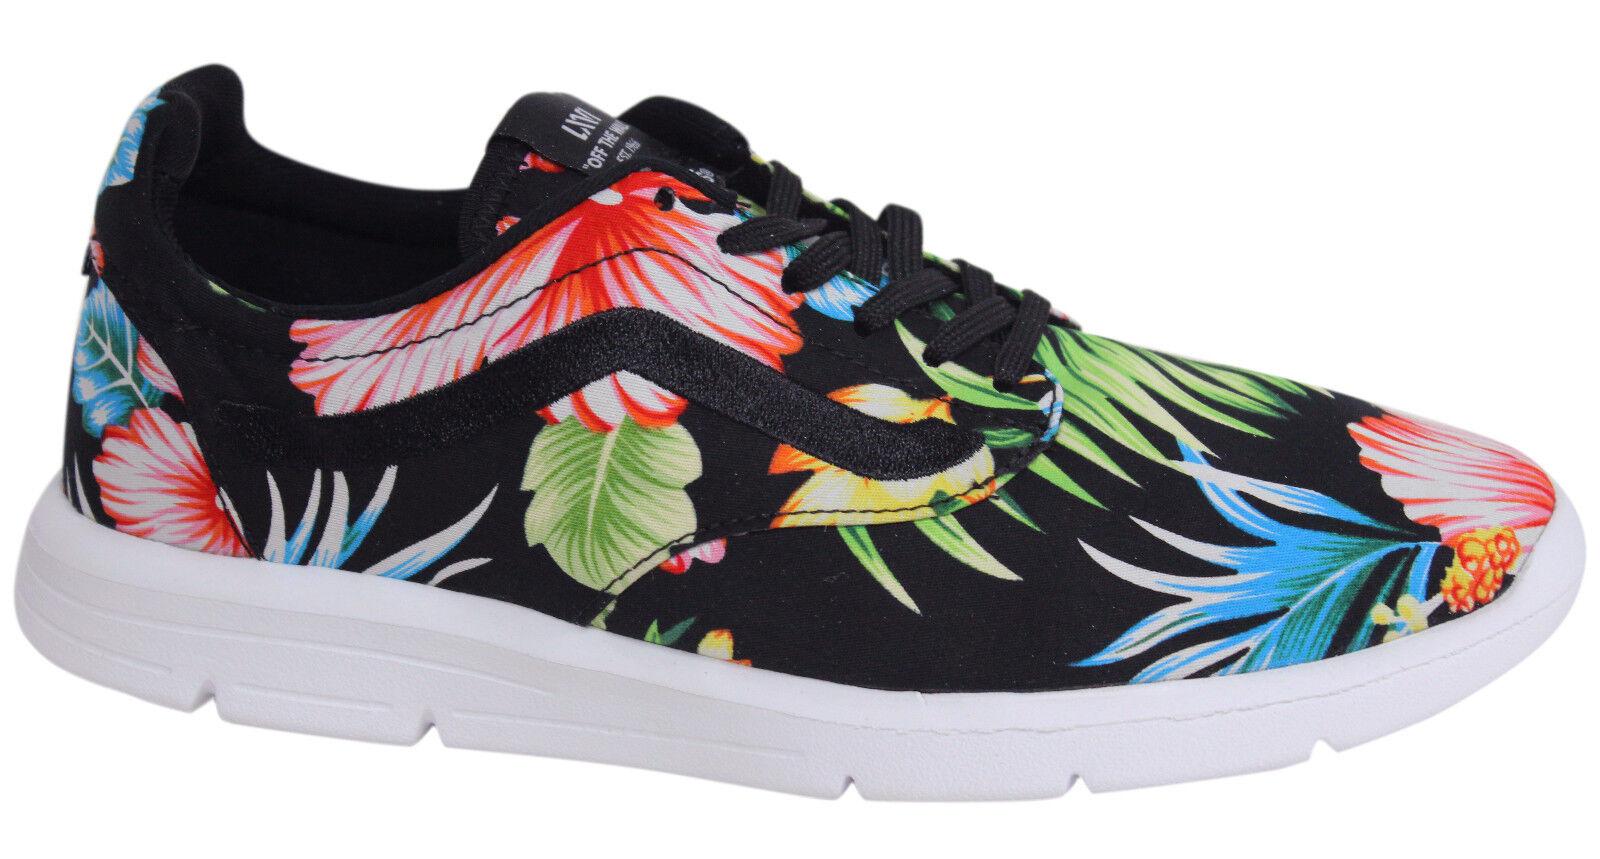 Vans Iso 1.5 lacci da uomo nero a fiori con motivo Scarpe da ginnastica XB8HEY Vans A